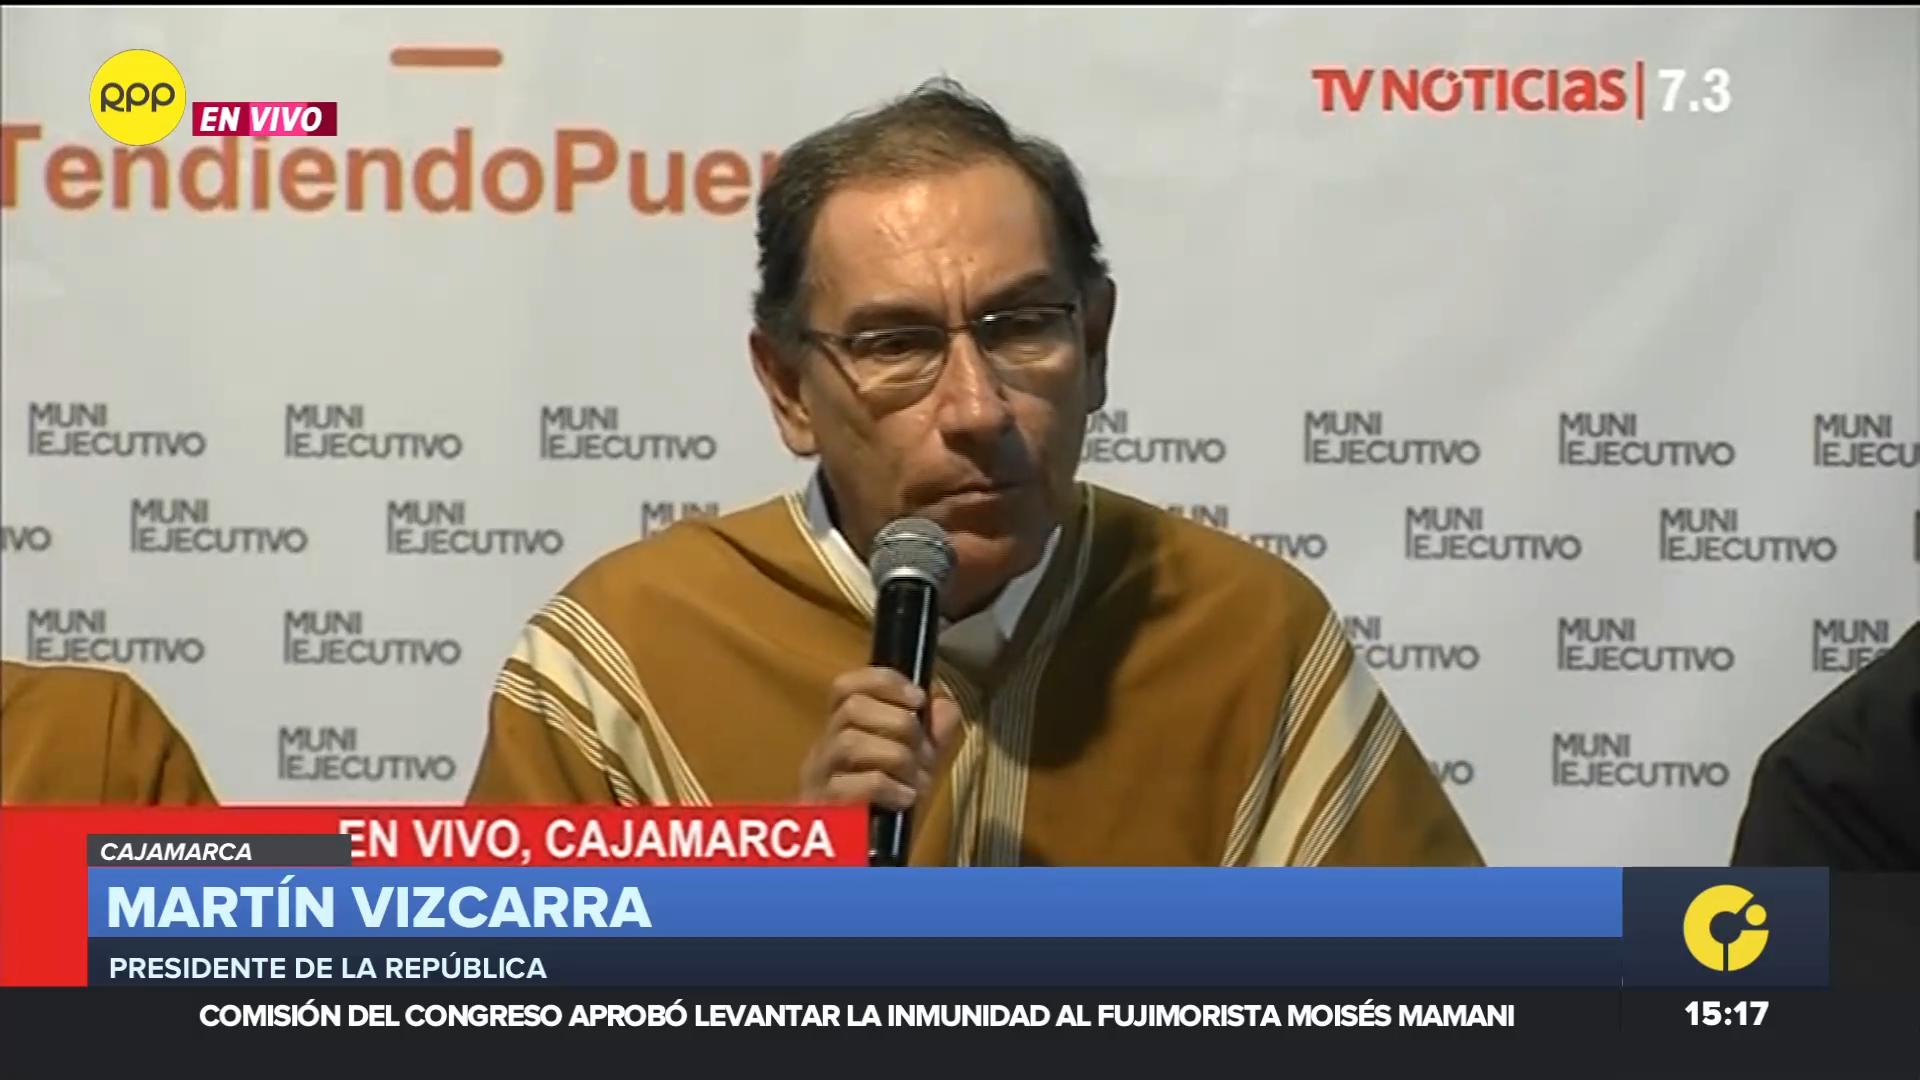 El presidente Vizcarra comentó que fue invitado por Pedro Pablo Kuczynski.